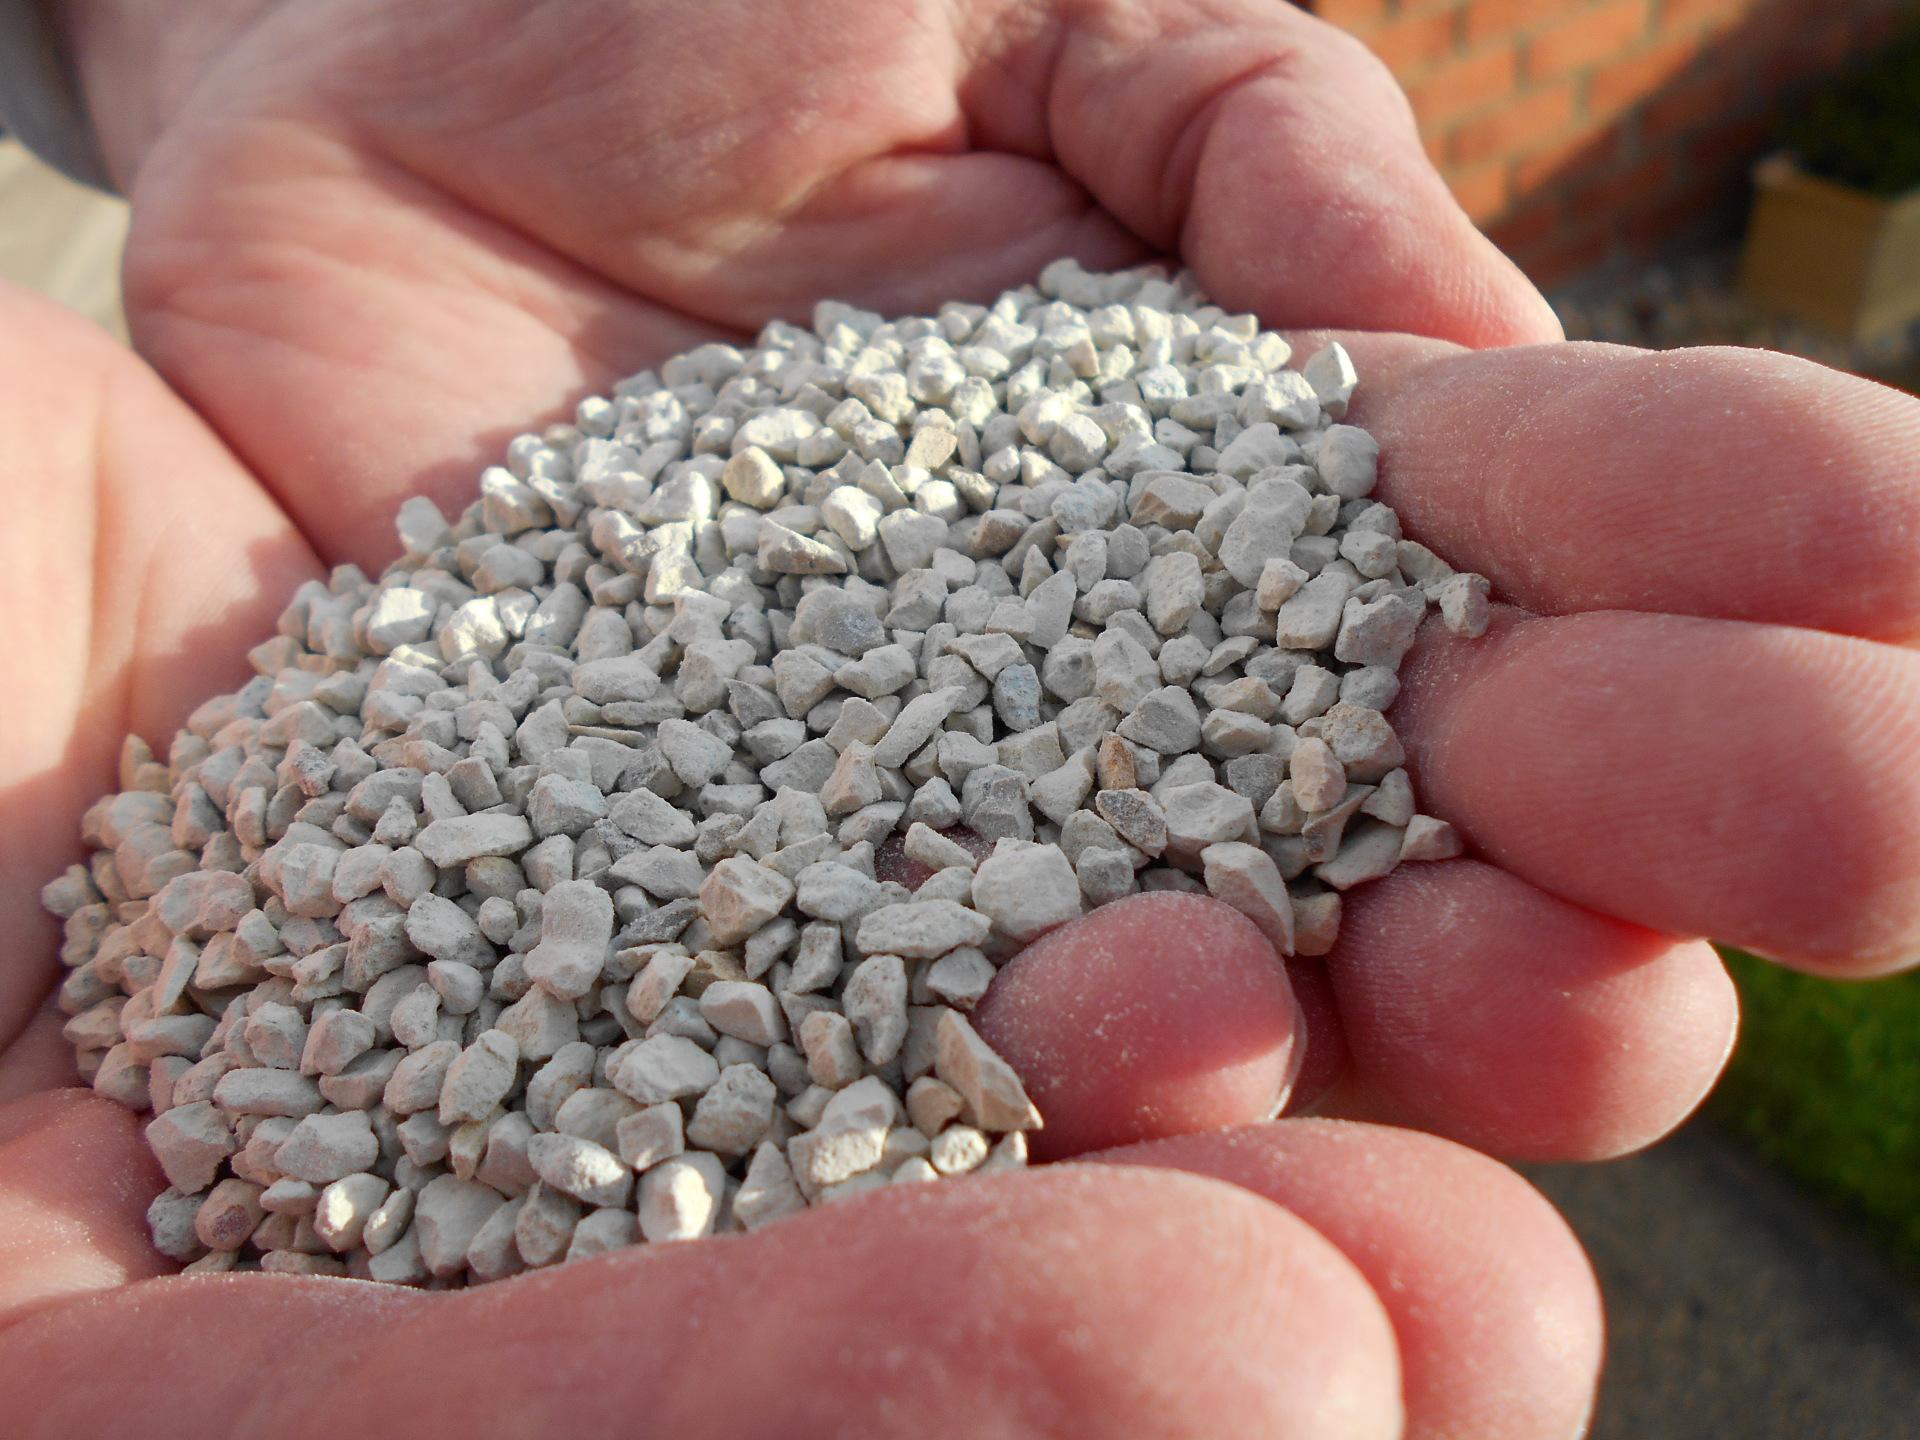 Zeolite granules in hand